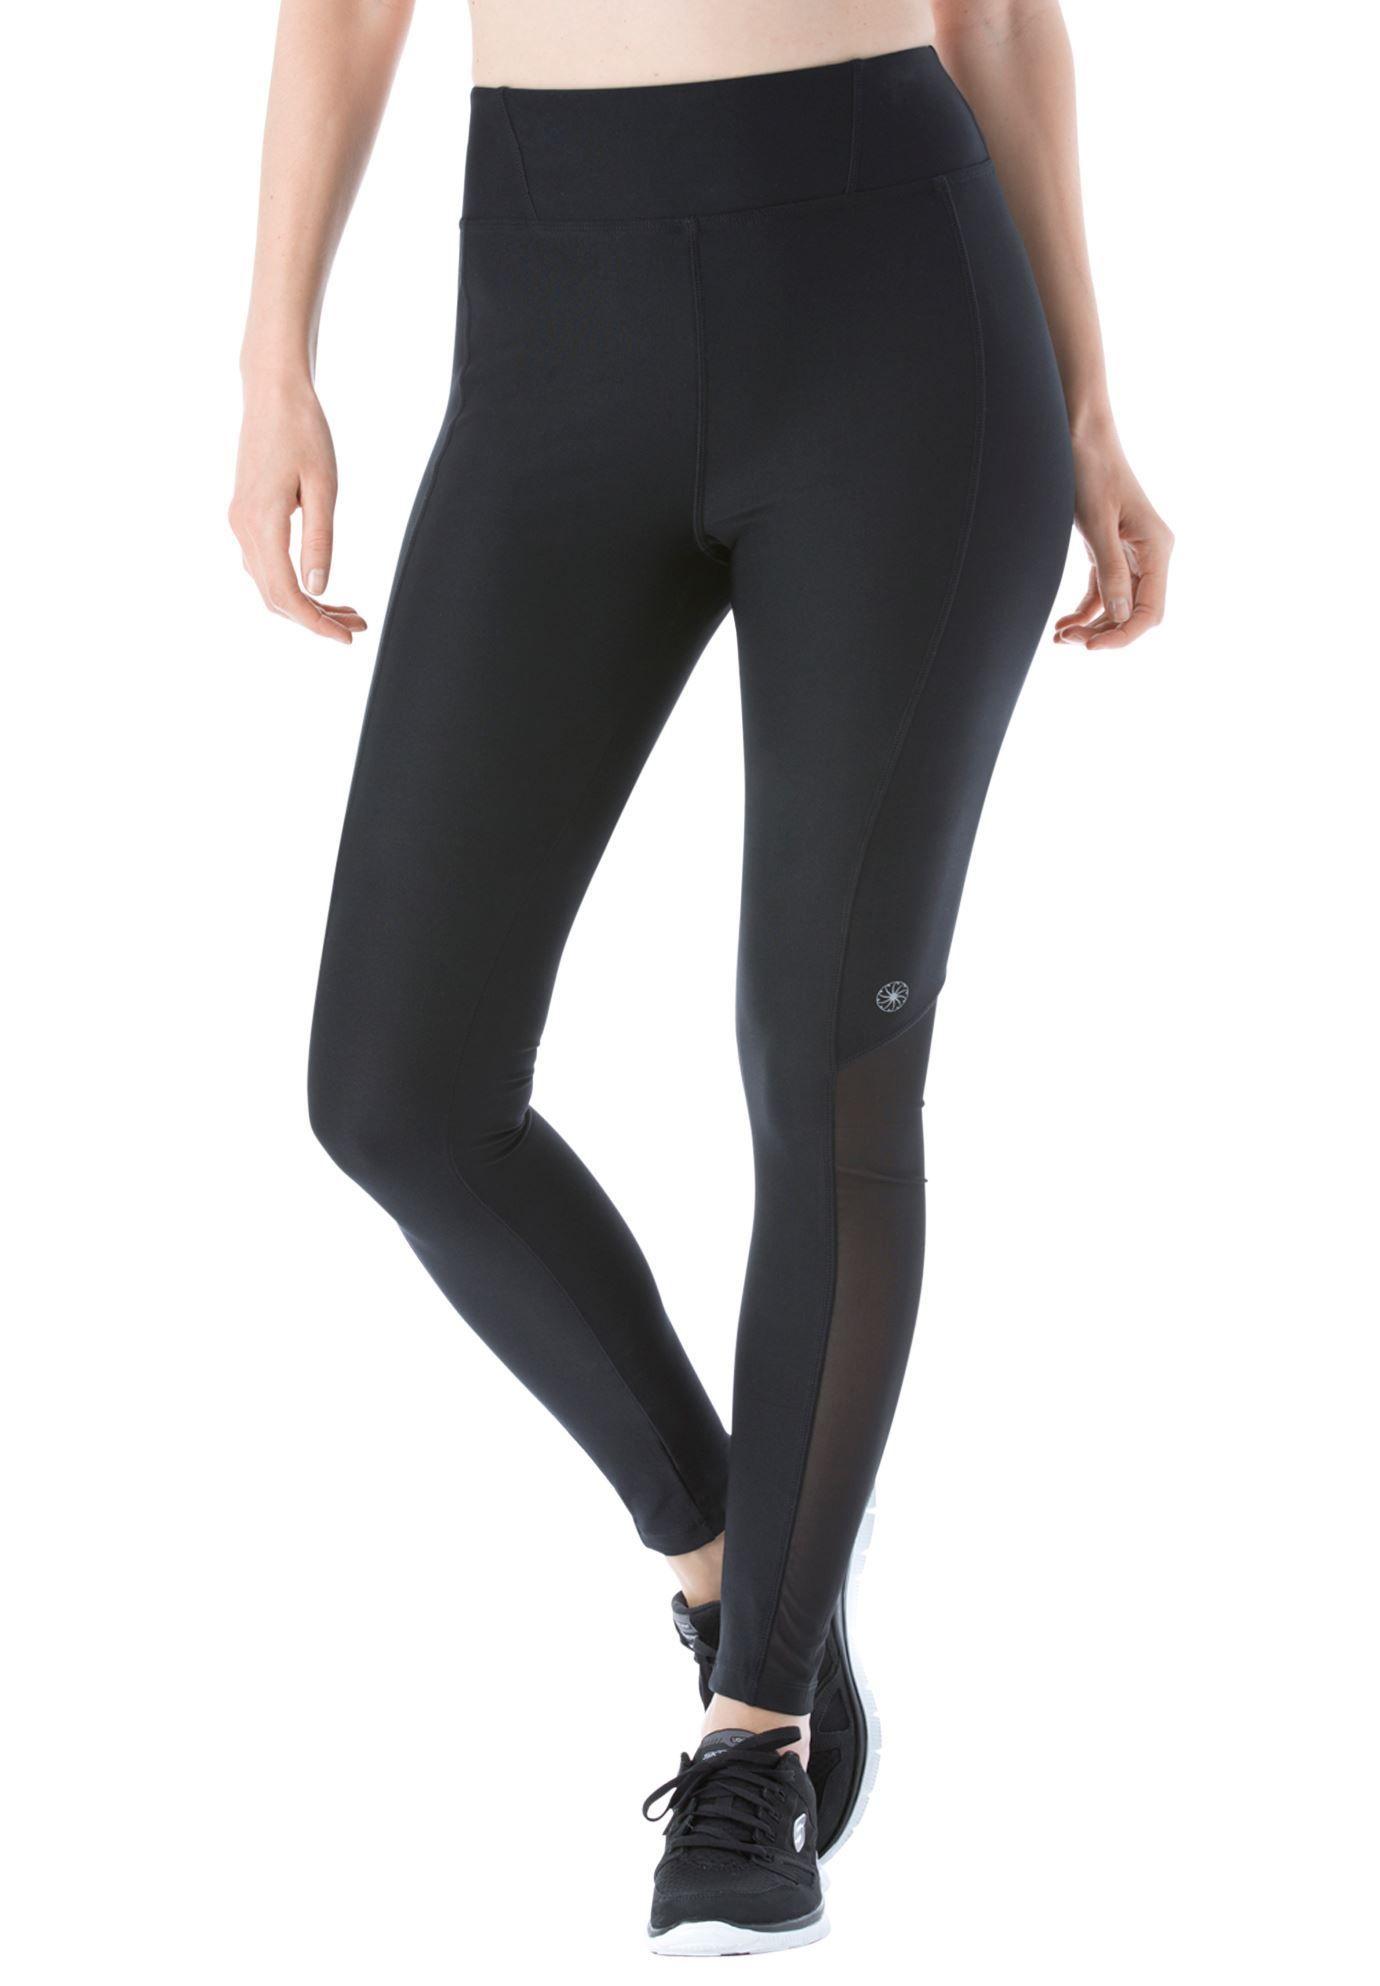 707166aa041 Mesh leggings by fullbeauty SPORT - Women s Plus Size Clothing ...